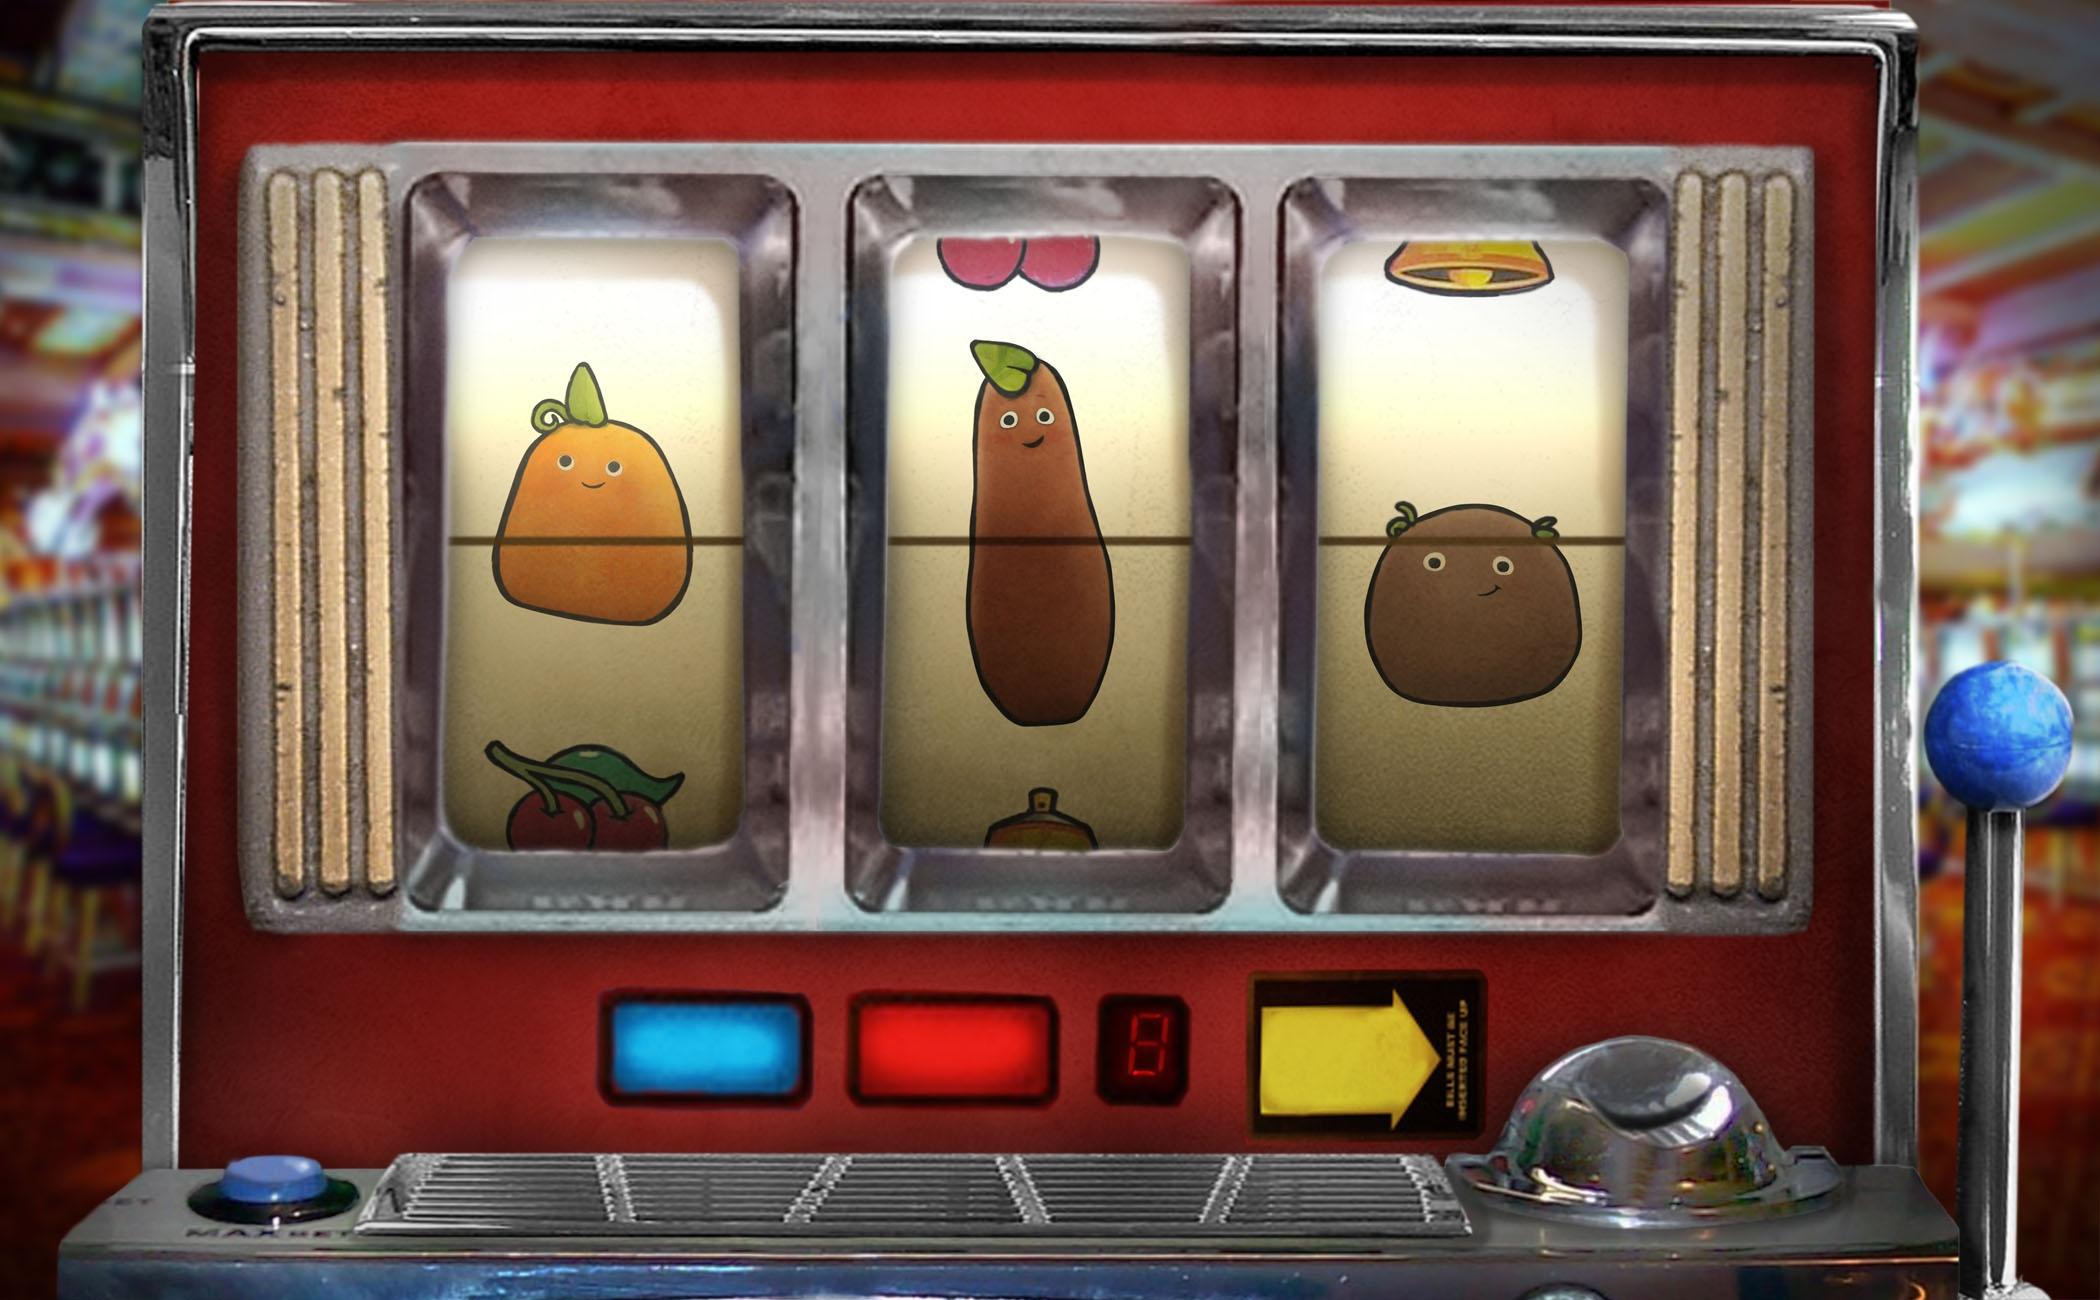 Svuota slot machine